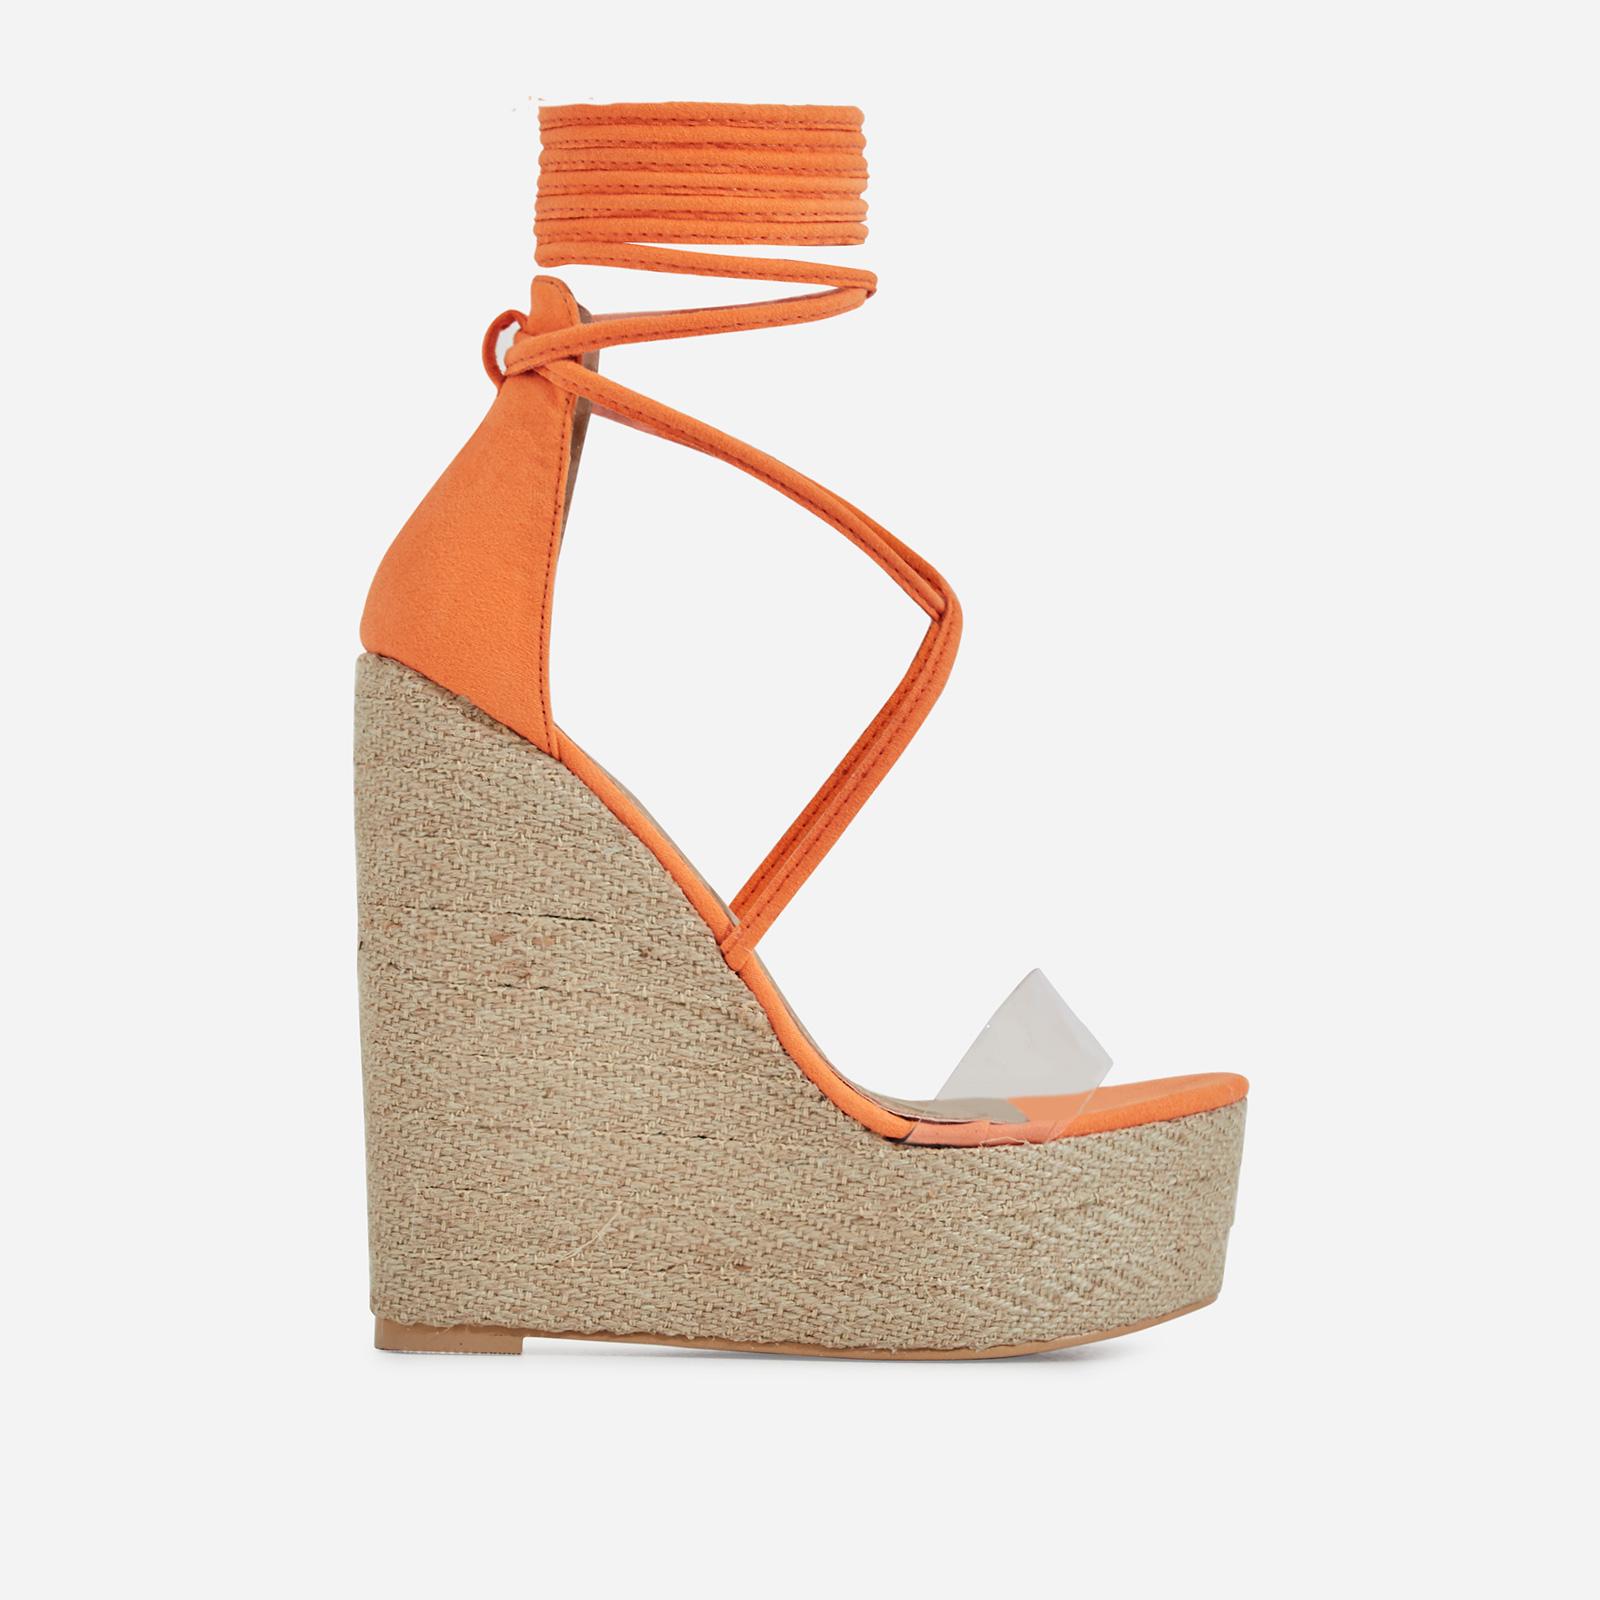 Aliki Perspex Platform Lace Up Espadrille Wedge Block Heel In Orange Faux Suede